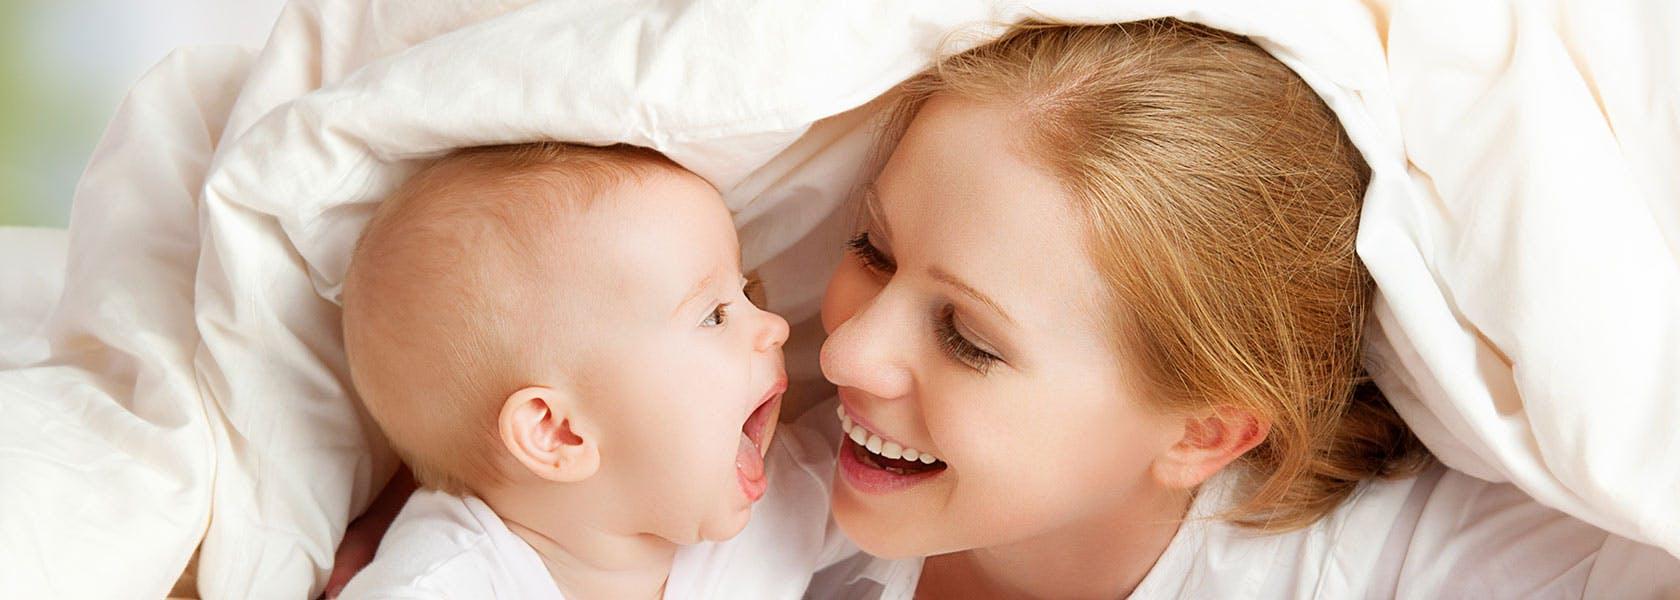 Mor og baby ler sammen